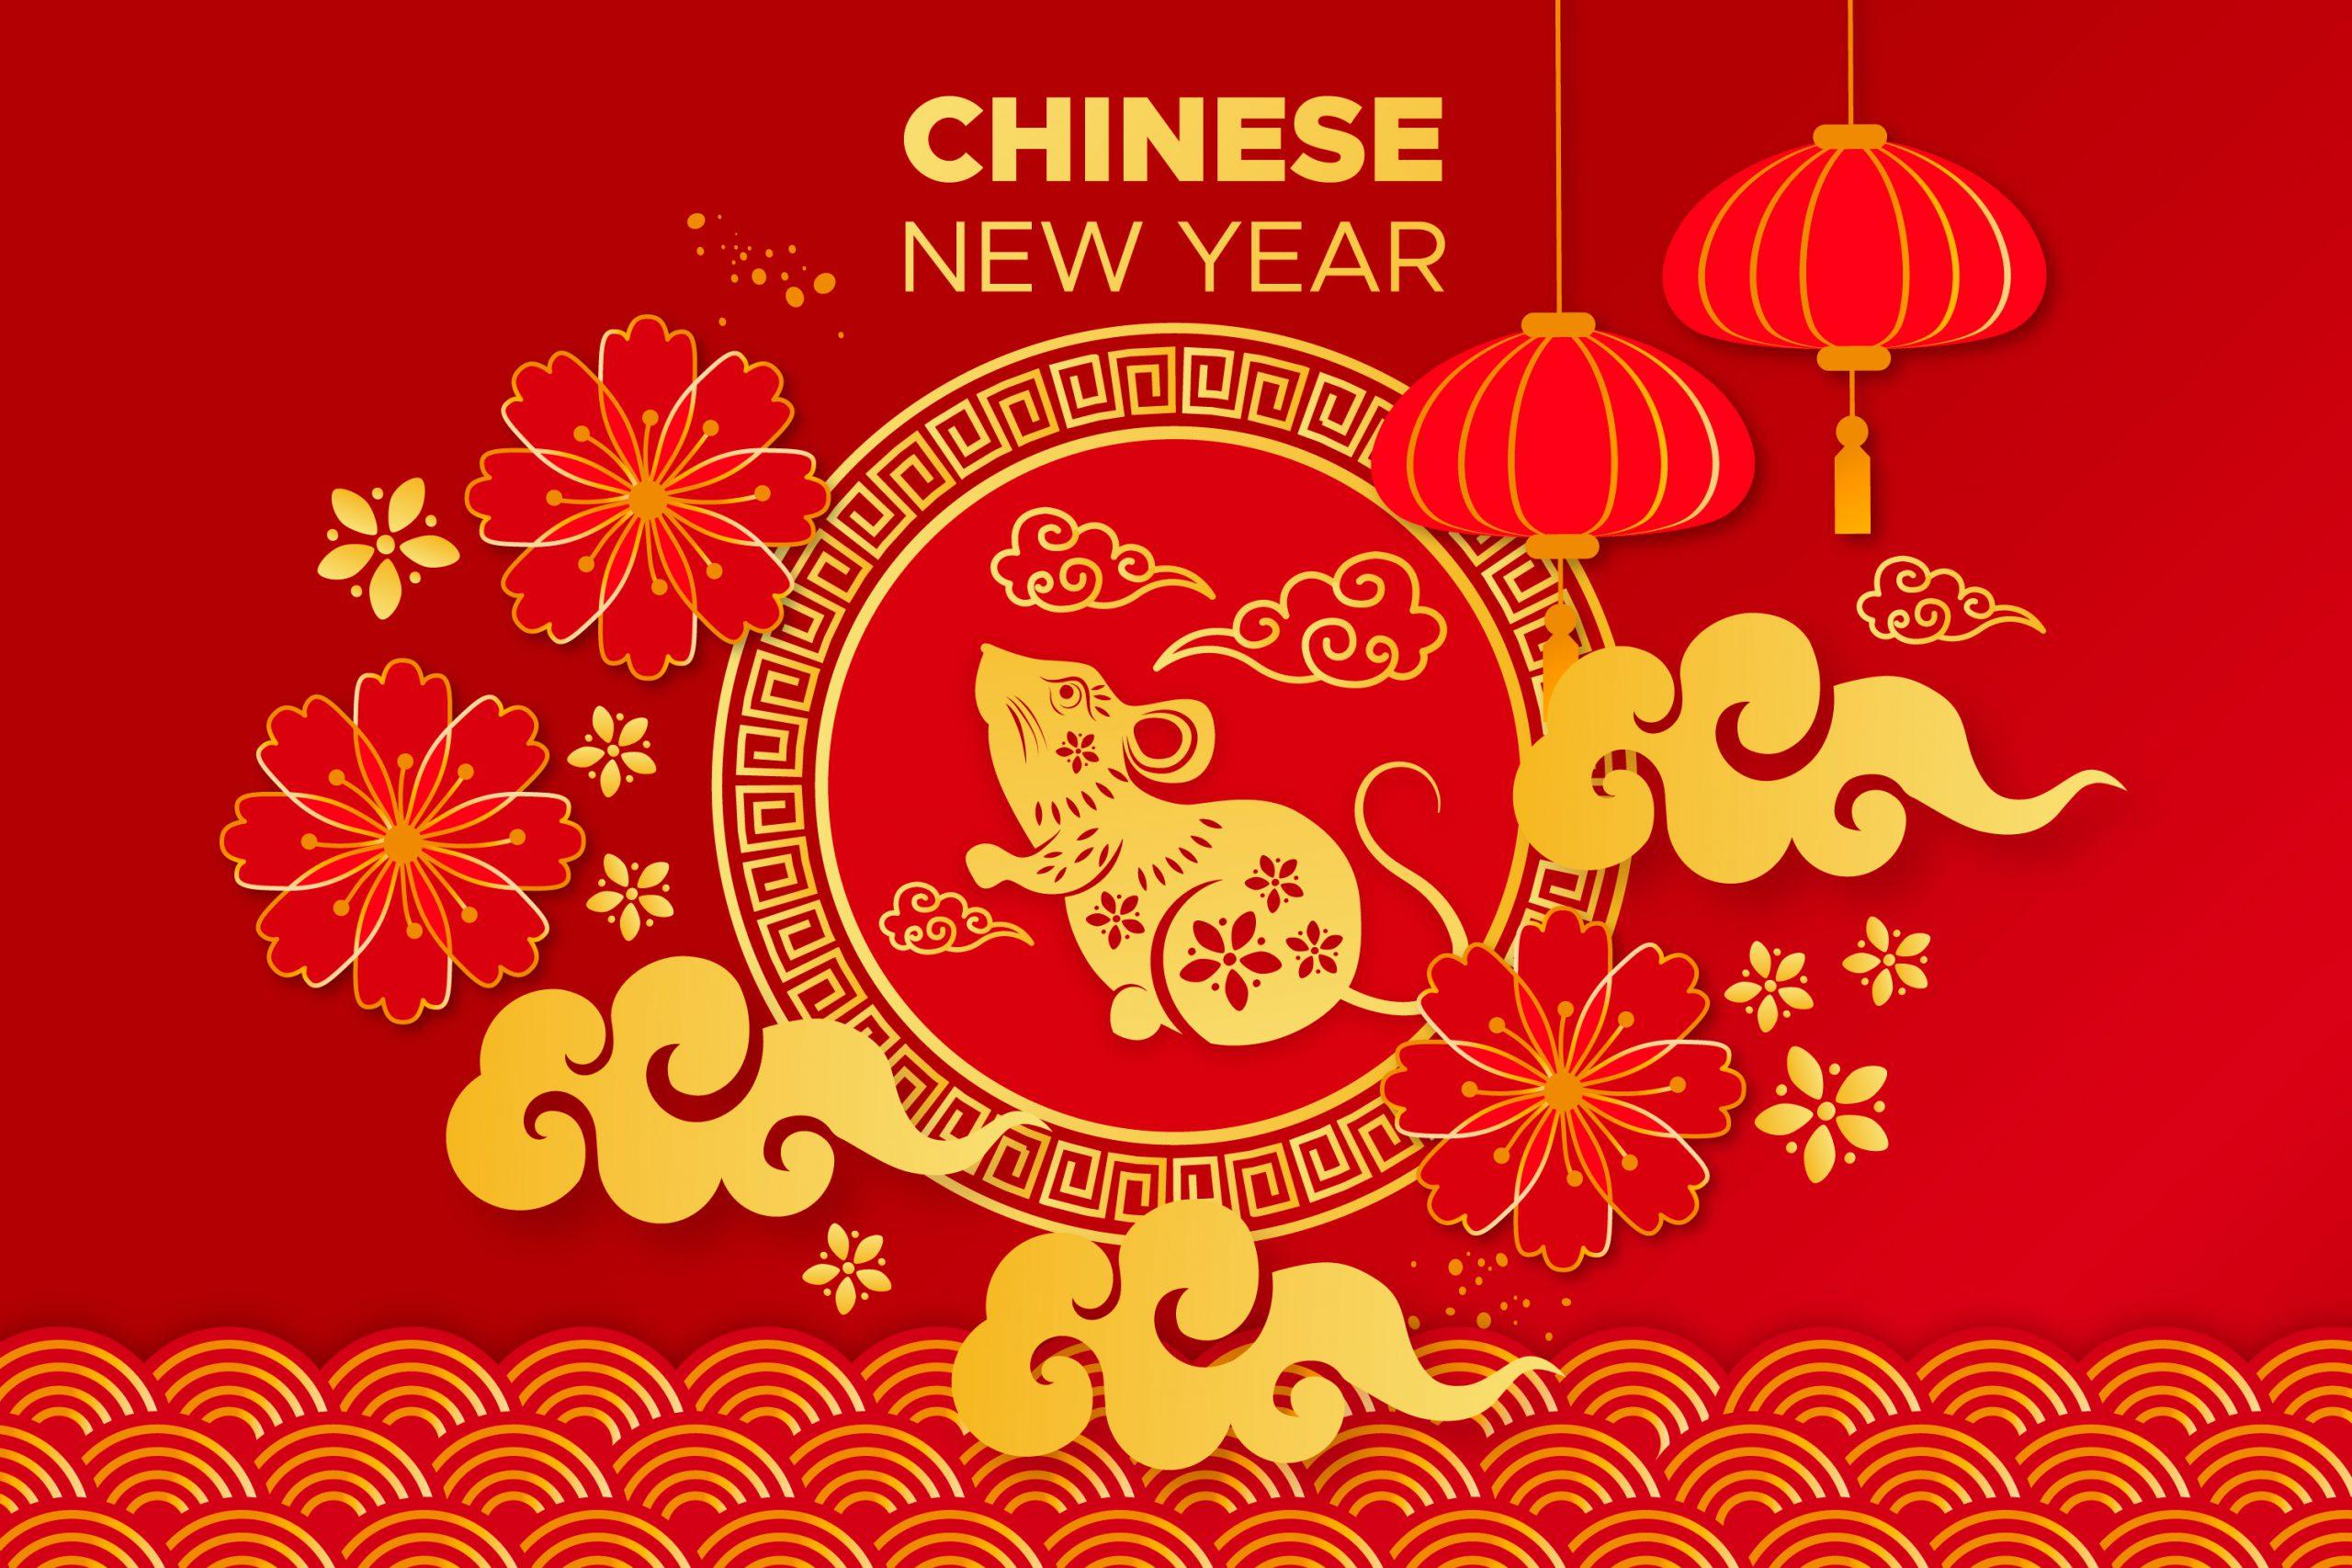 ตรุษจีน 2563 ประวัติวันตรุษจีน สิ่งที่ต้องทำในวันตรุษจีน ของไหว้ตรุษจีนมีอะไรบ้าง ตรงกับวันที่